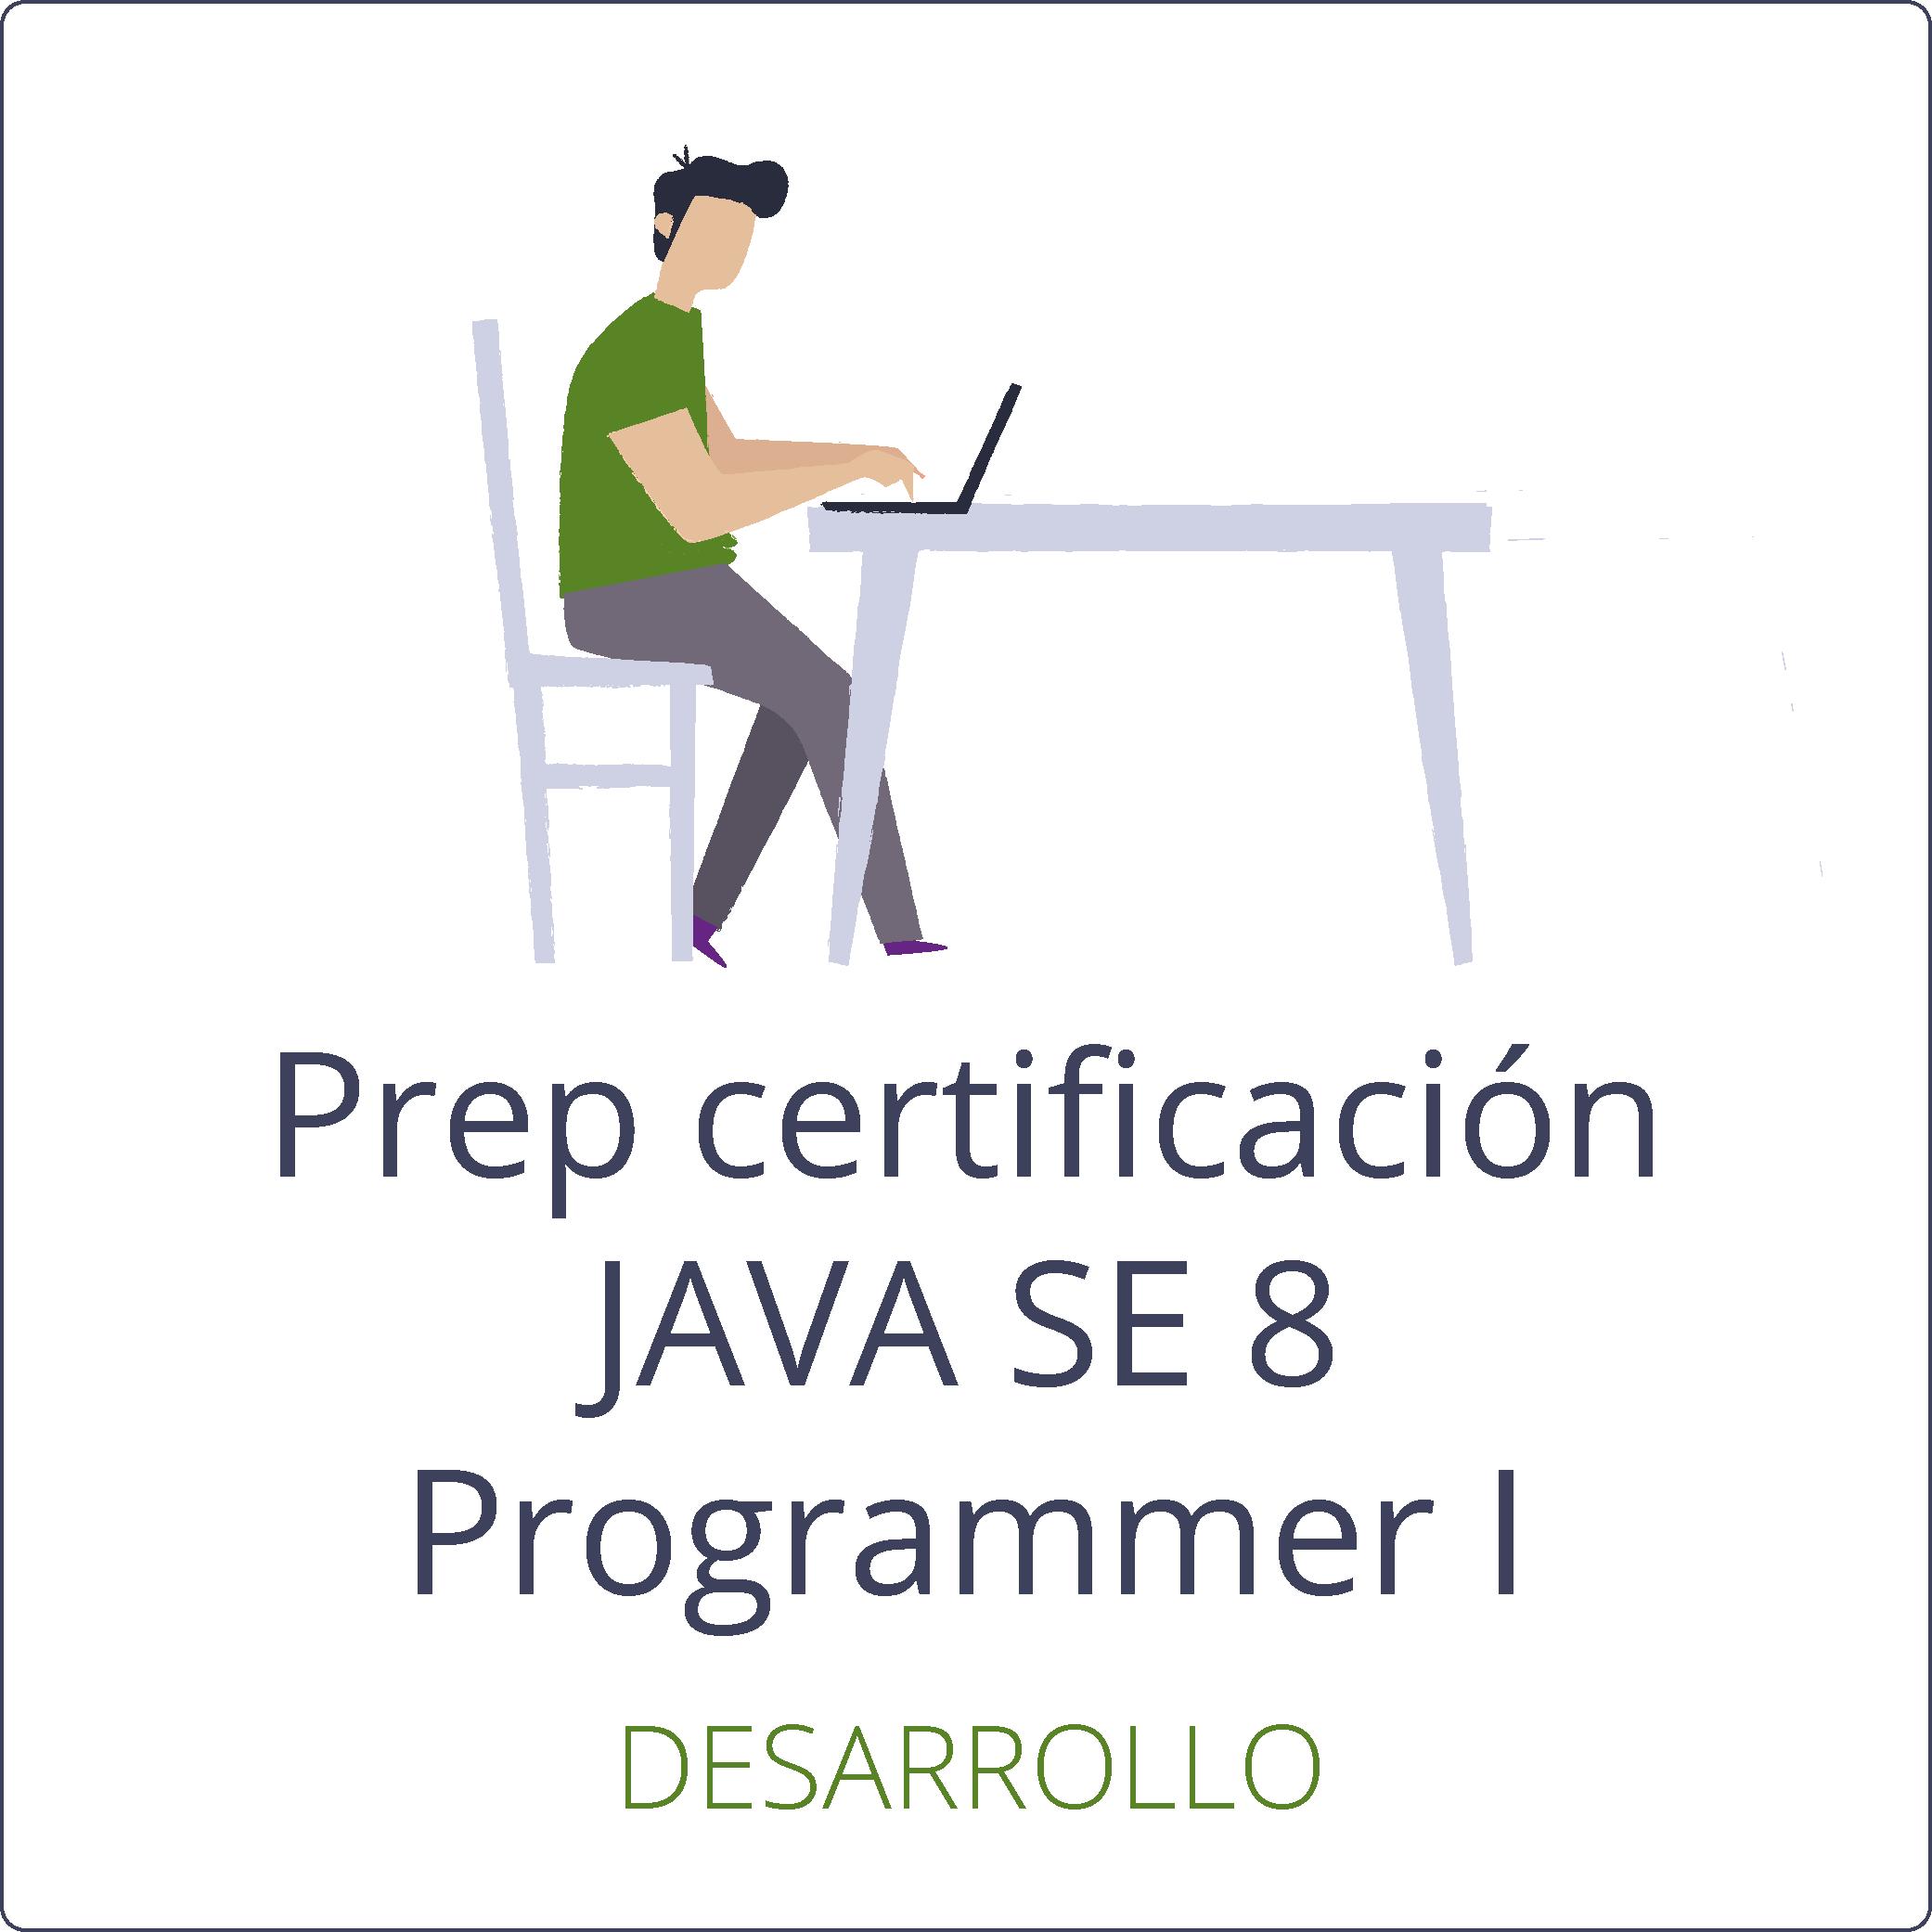 Preparación para la certificación JAVA SE 8 Programmer I